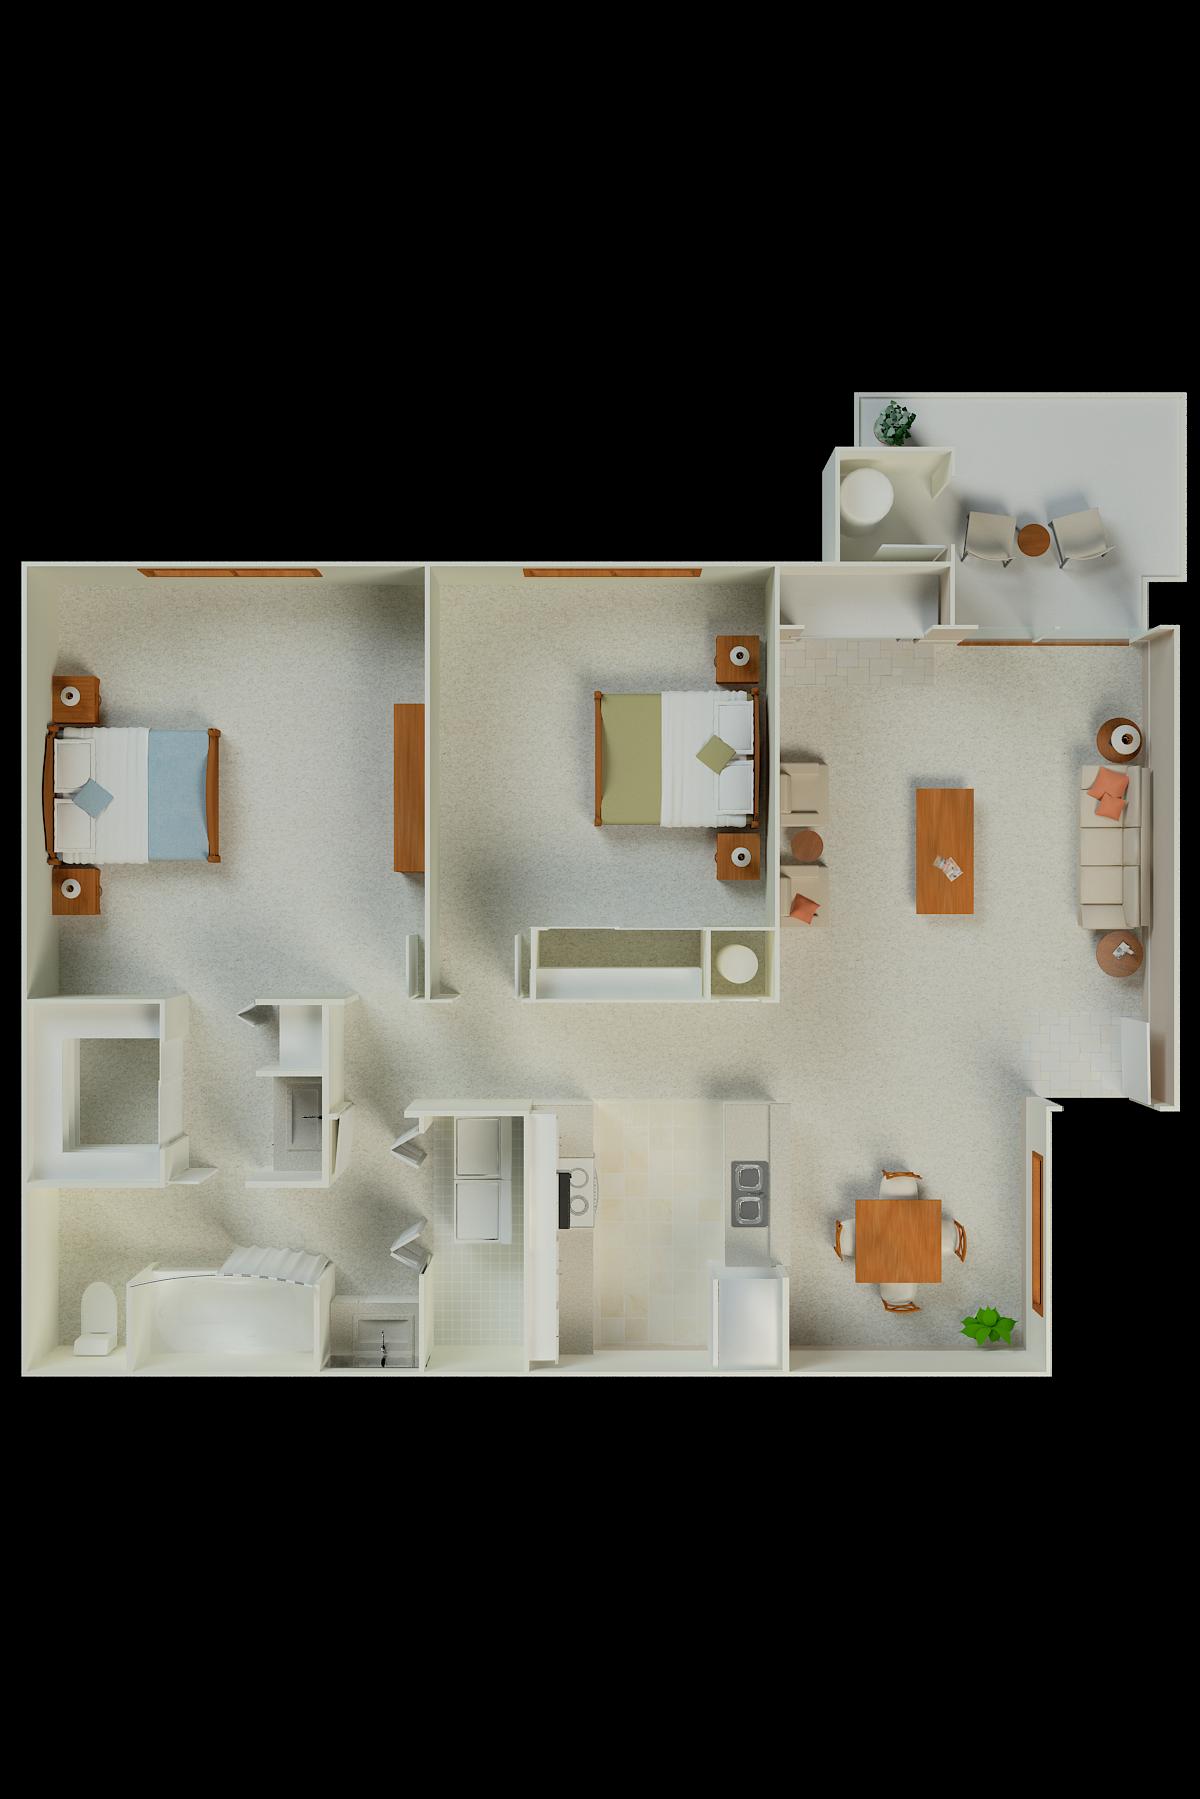 Waterford Floor Plan 3